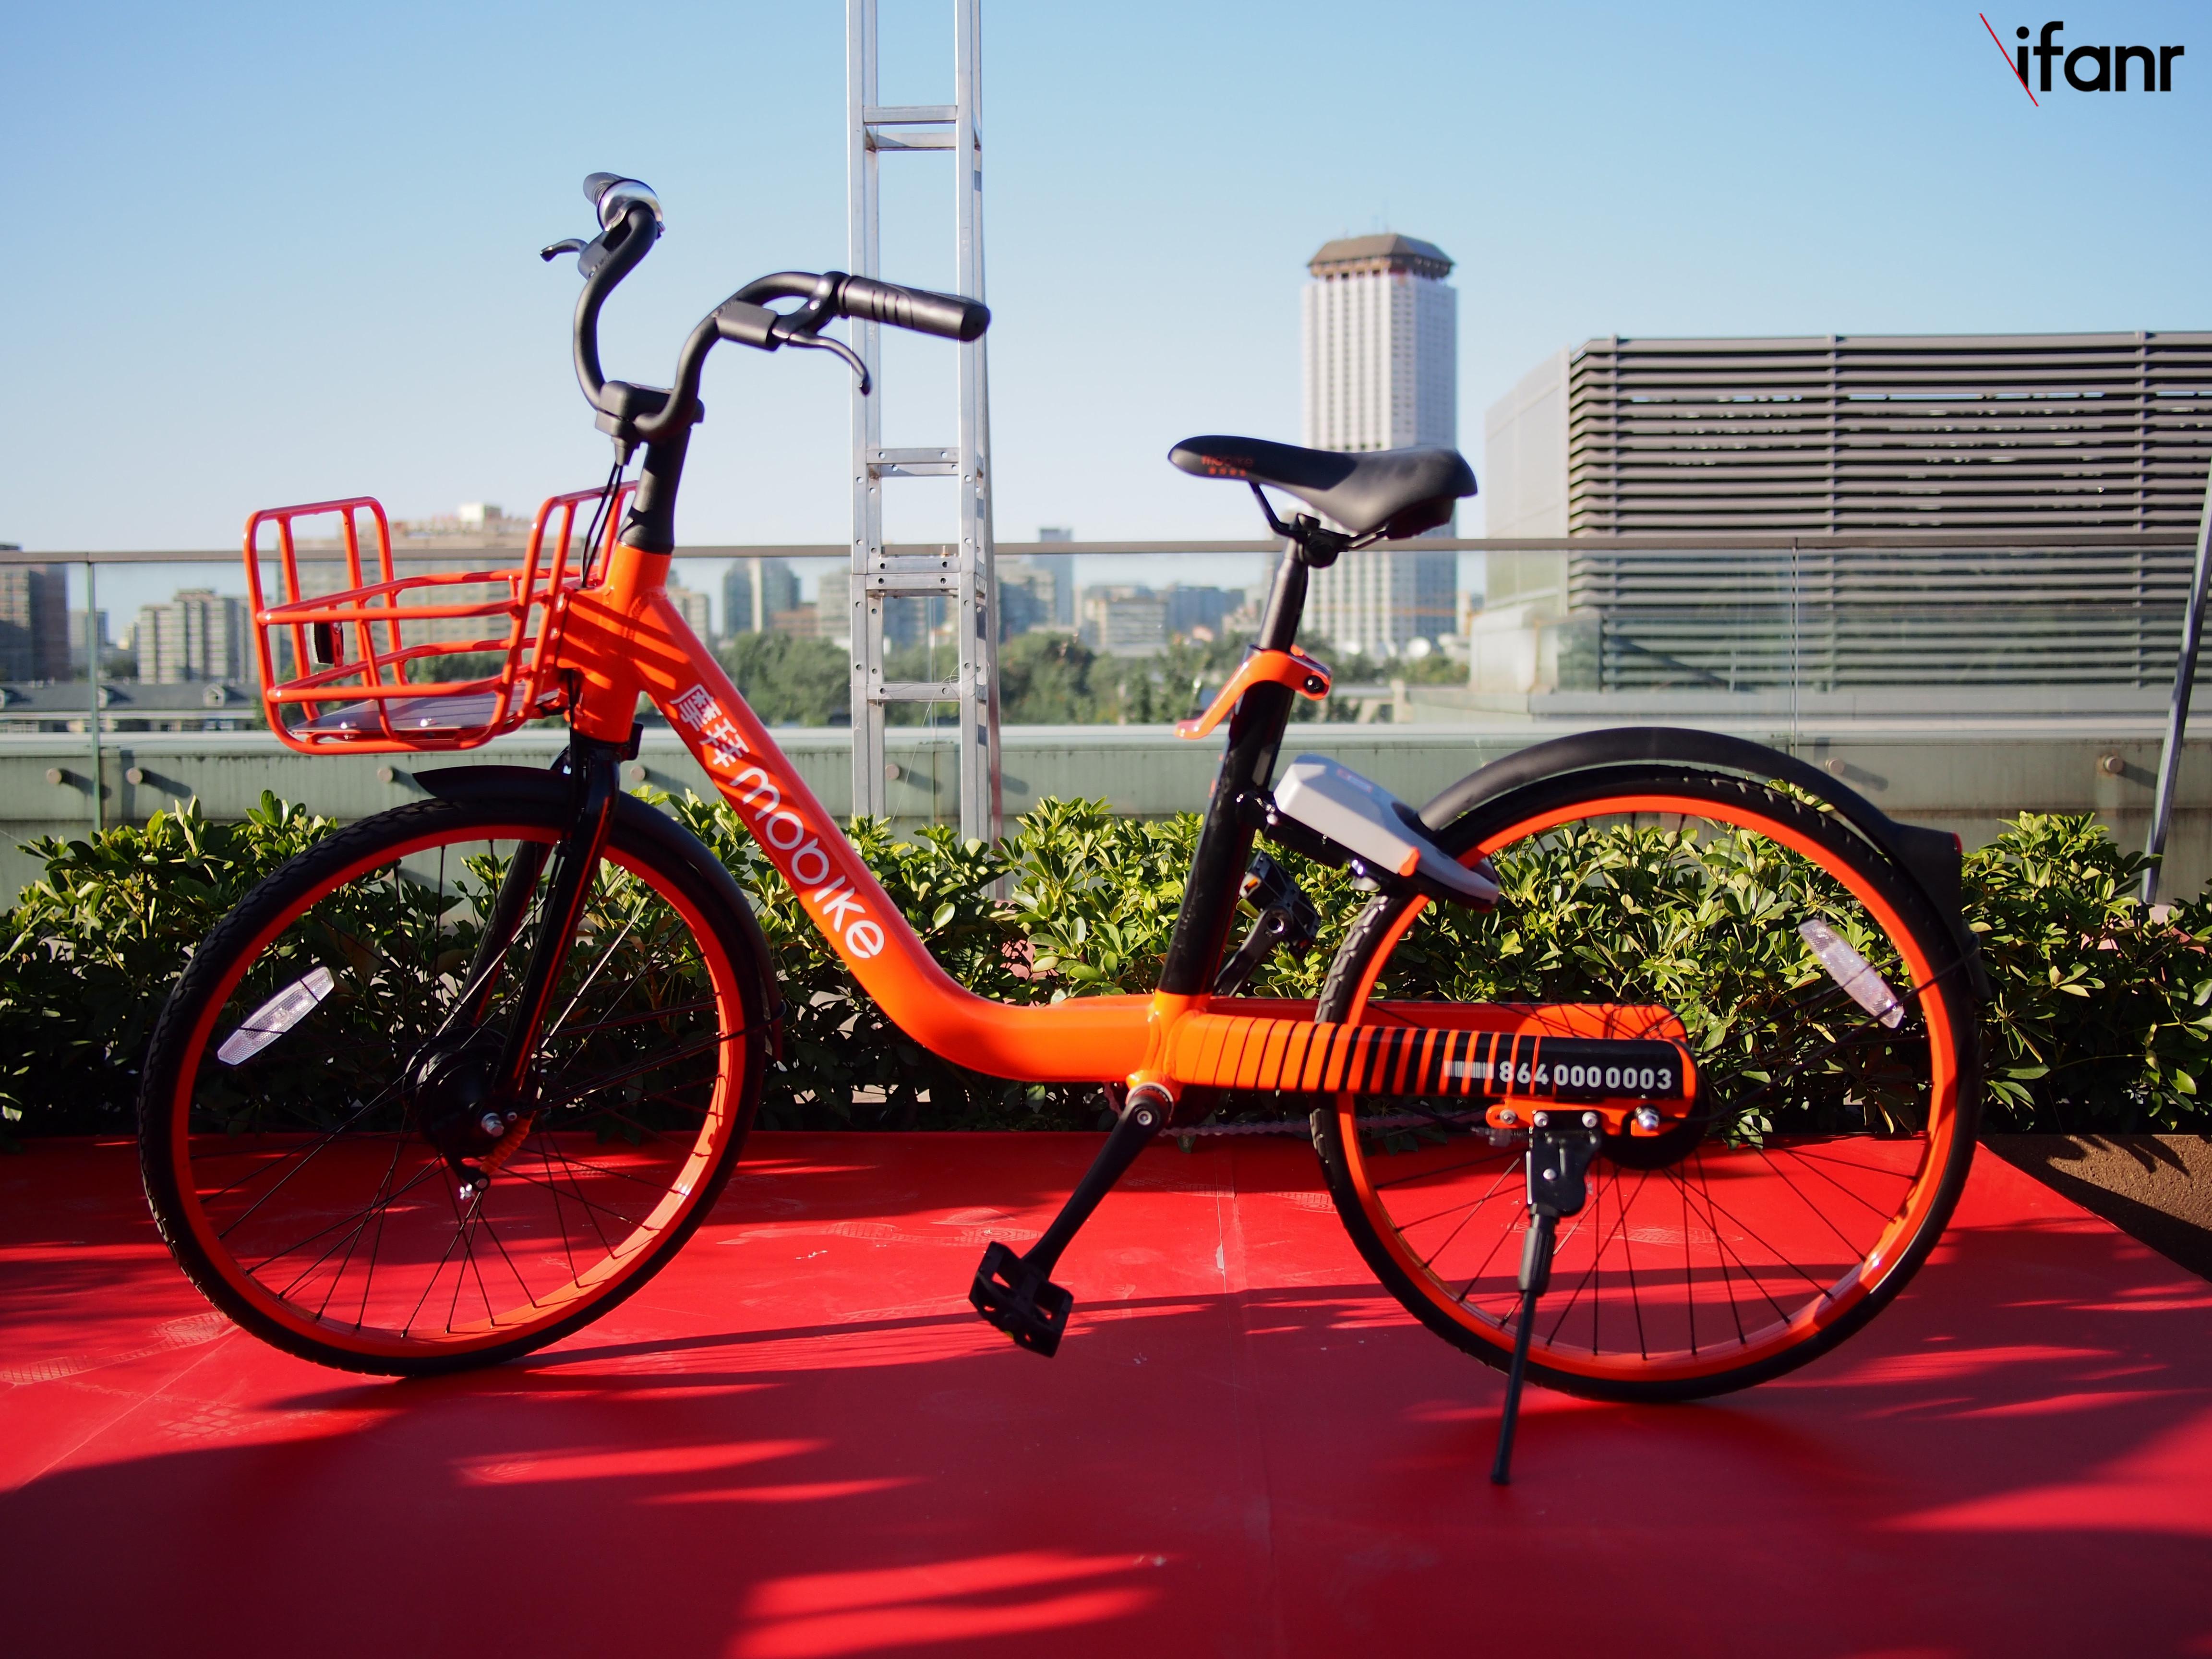 重新设计了每一个零件,摩拜单车造出了「行业